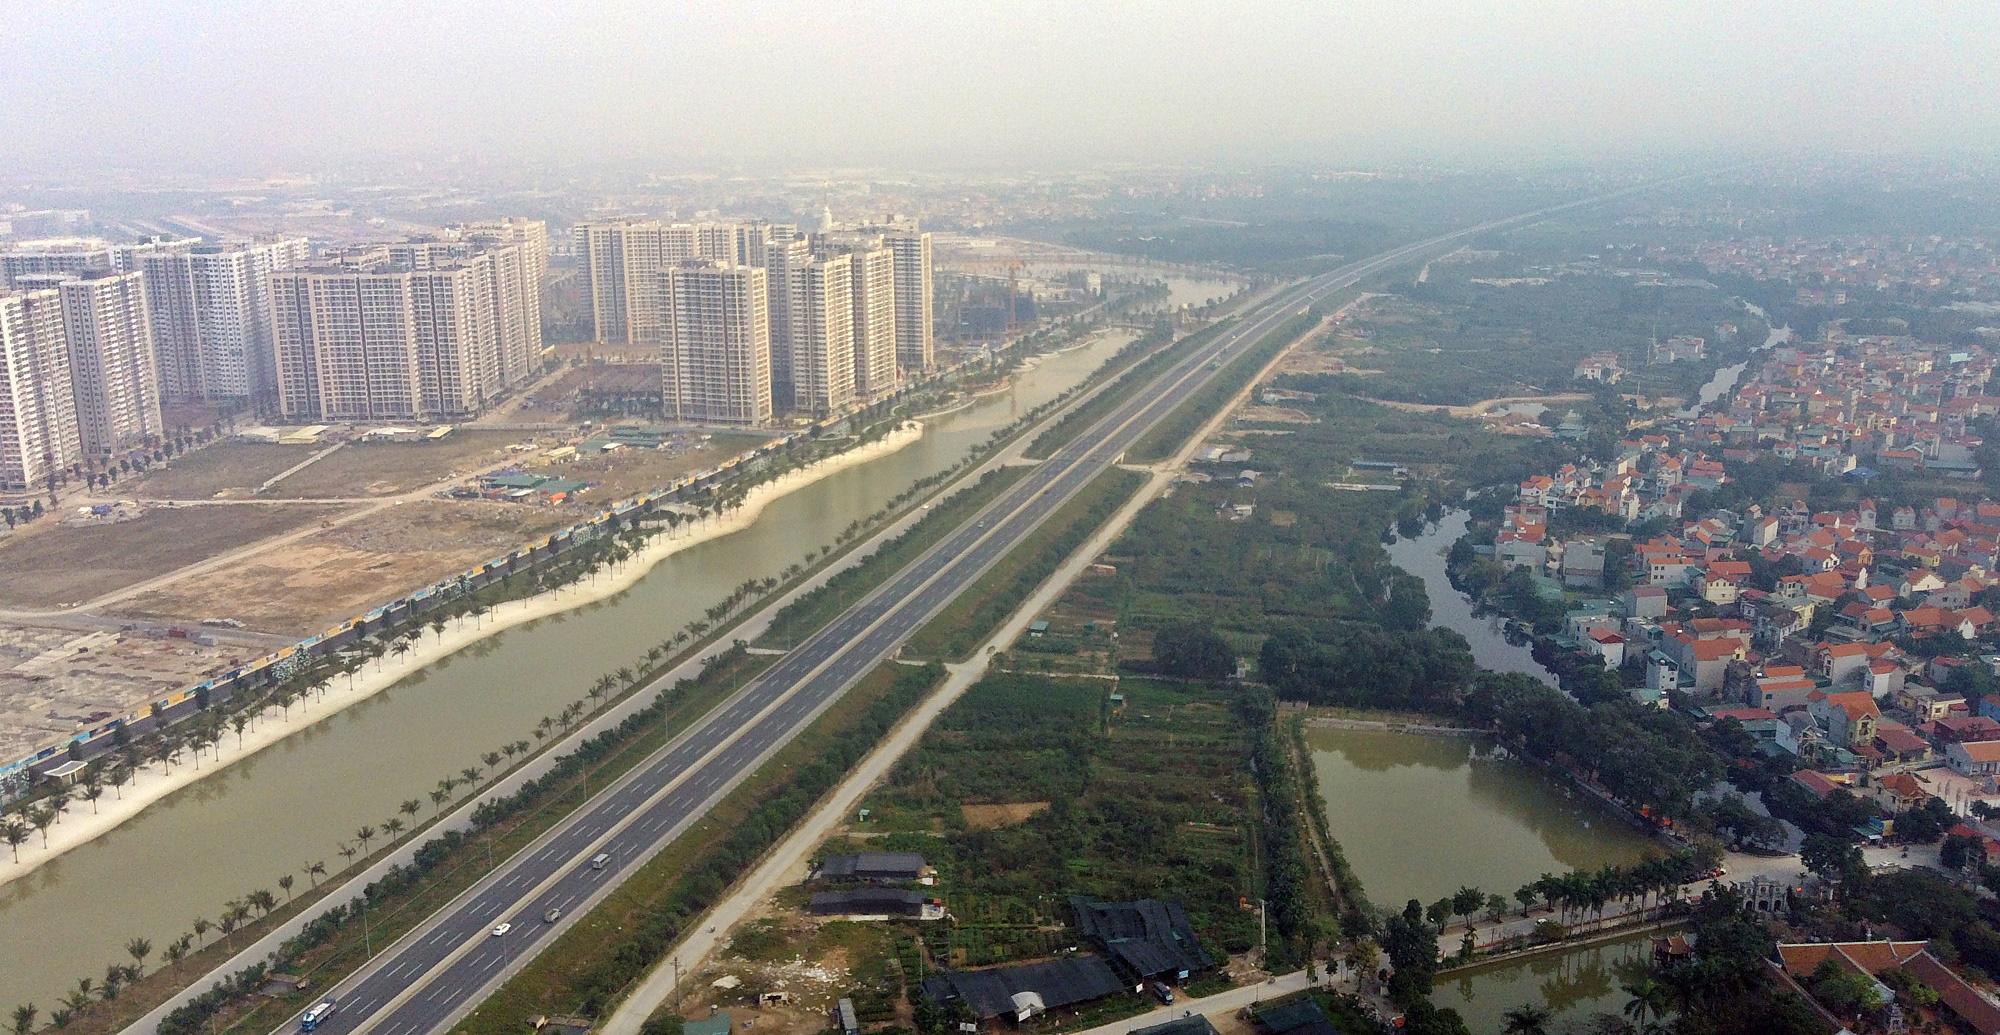 Chuẩn bị lên quận, hạ tầng giao thông huyện Gia Lâm đang thay đổi 'chóng mặt' - Ảnh 14.